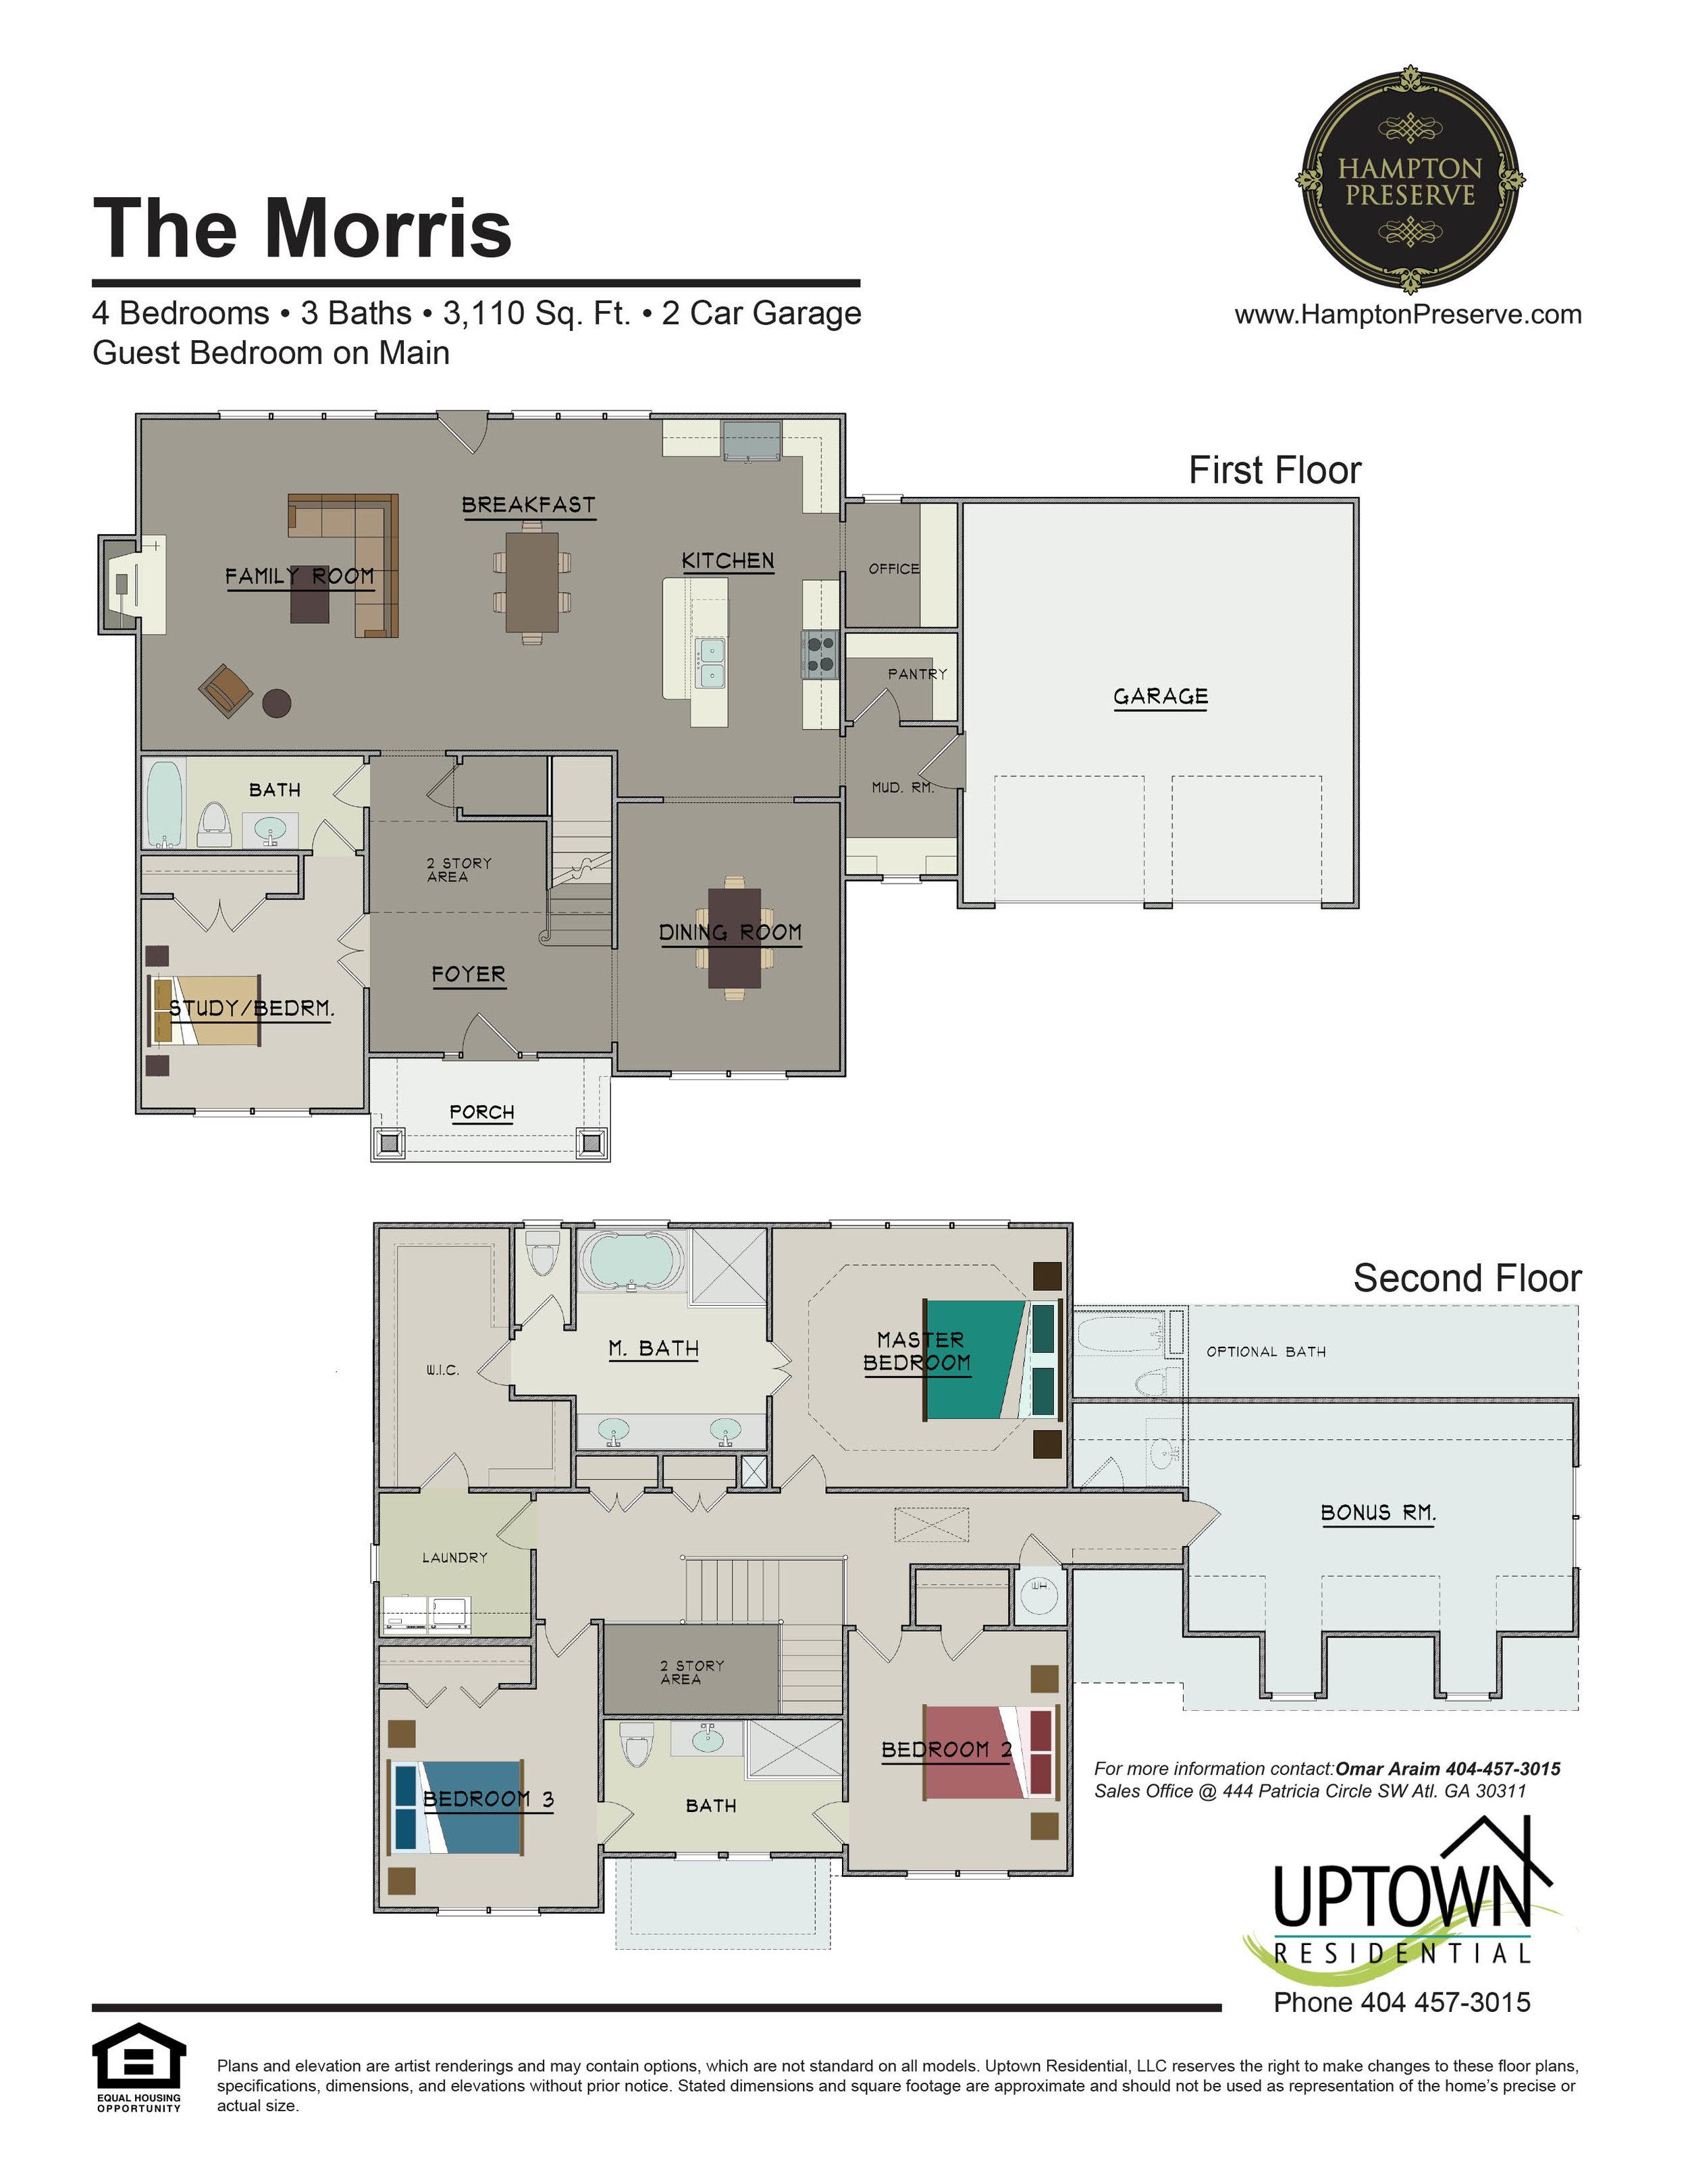 21669 Uptown Residential - Morris 2.jpg